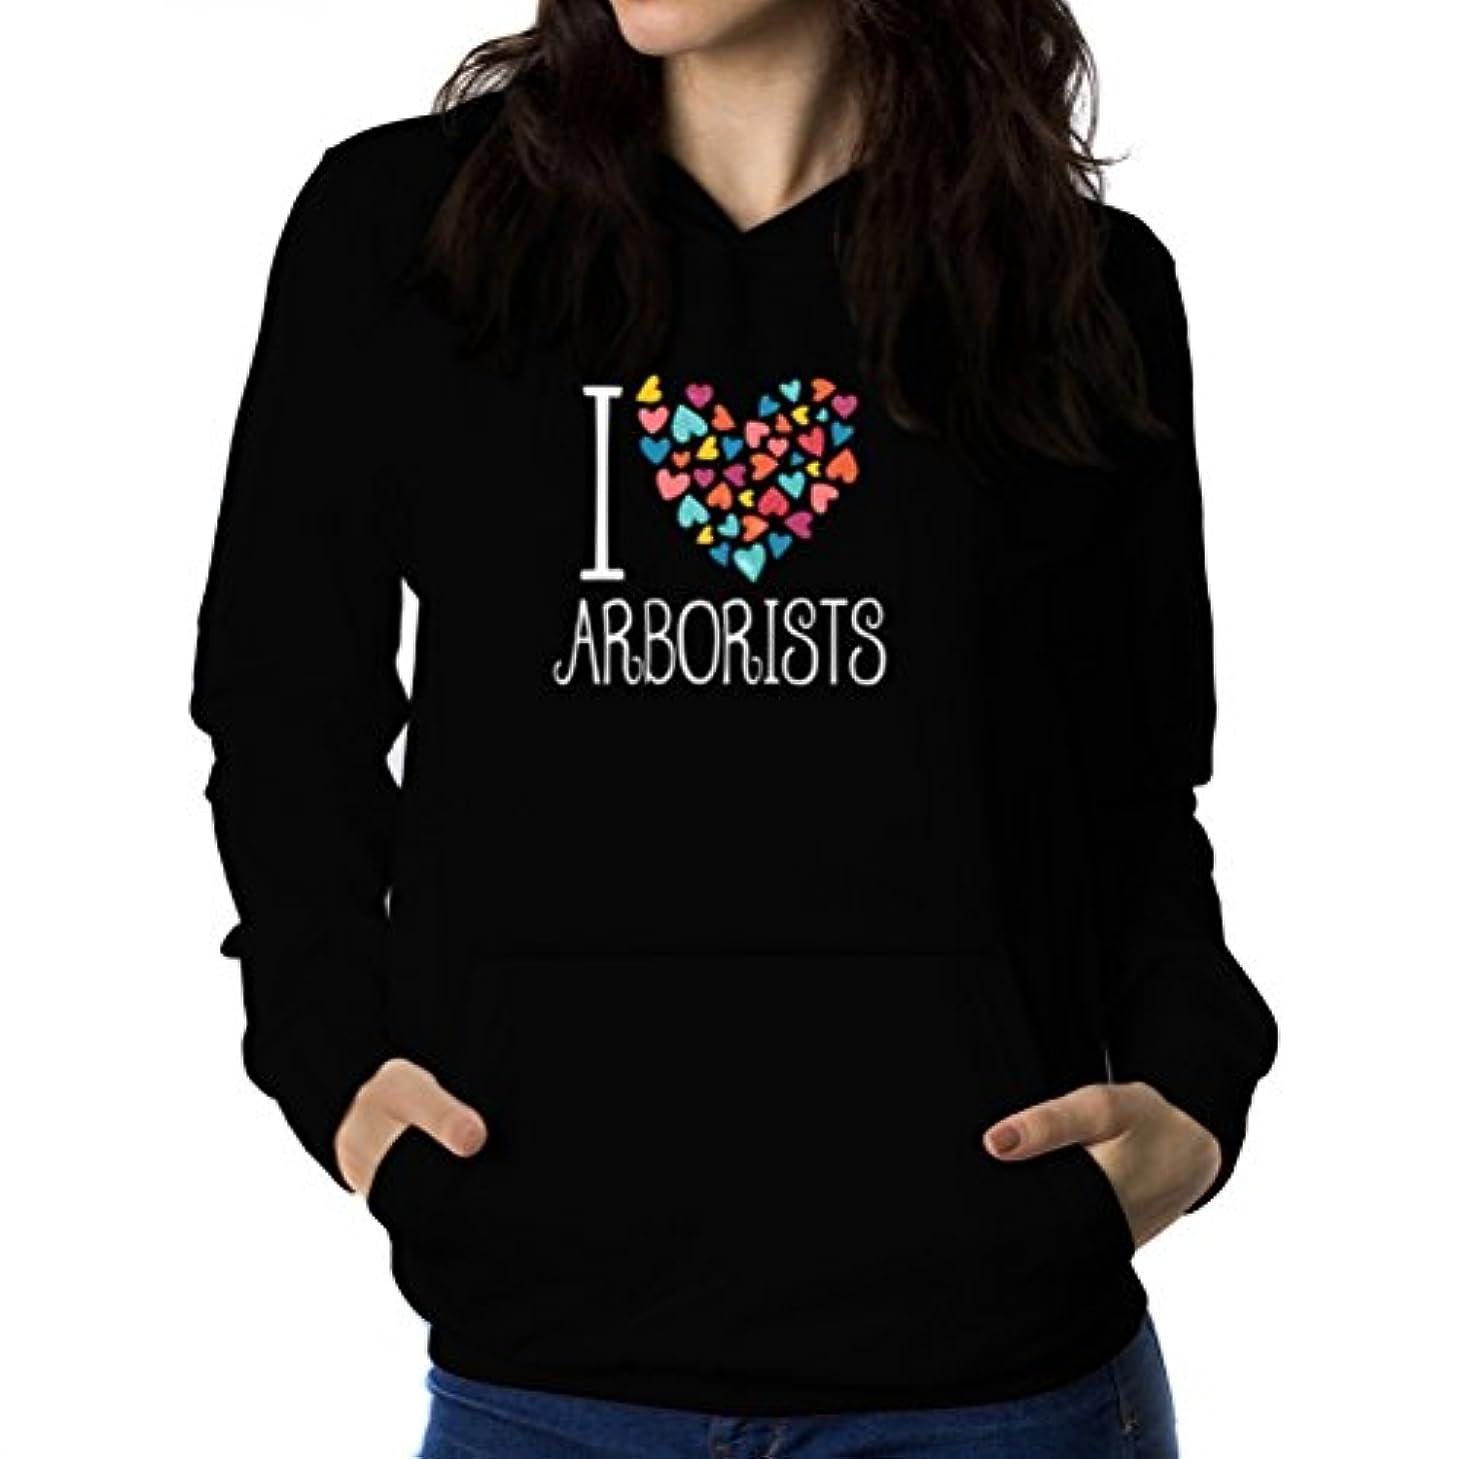 モンククラシカル肩をすくめるI love Arborist colorful hearts 女性 フーディー